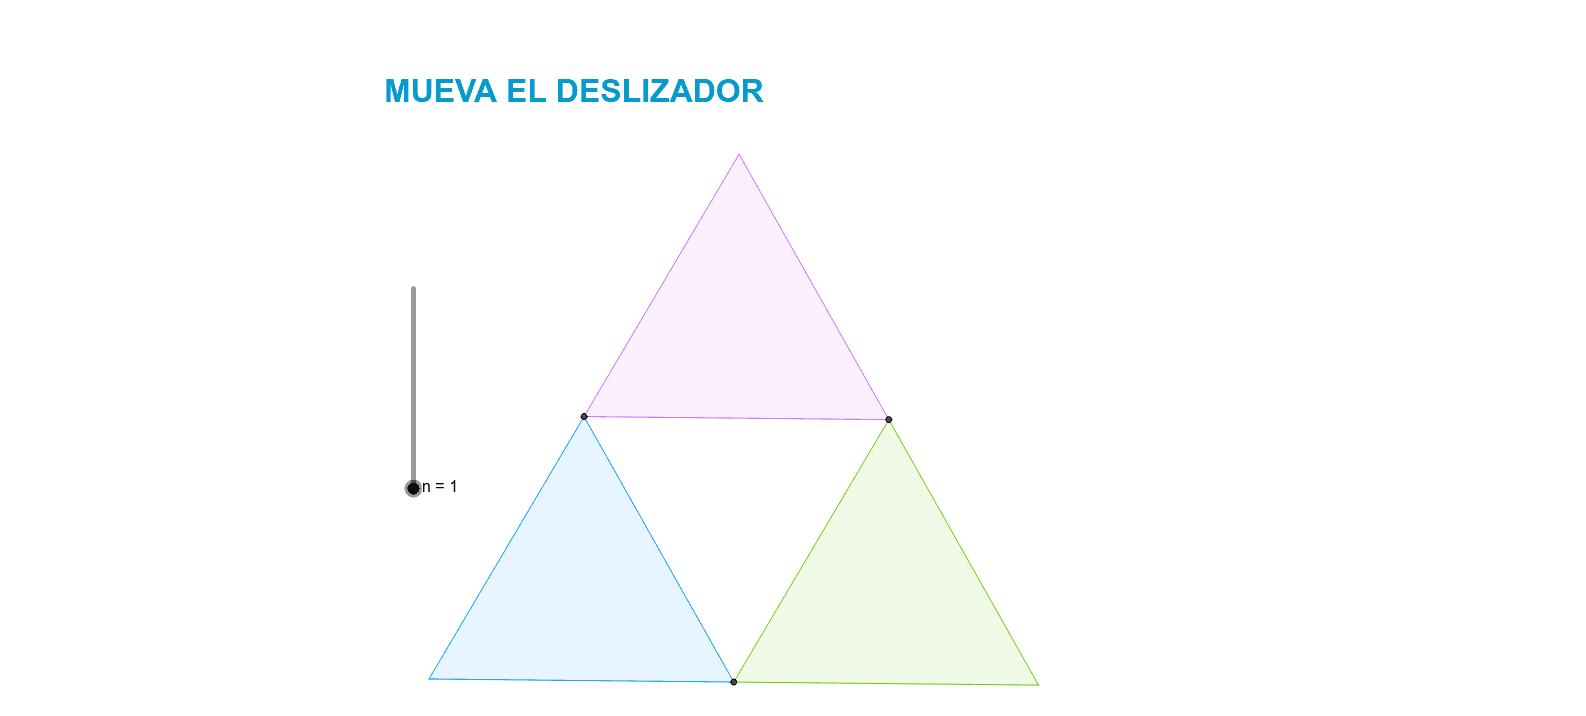 El triángulo de Sierpinski es un fractal introducido por el matemático polaco Waclaw Sierpinski en el año 1919.